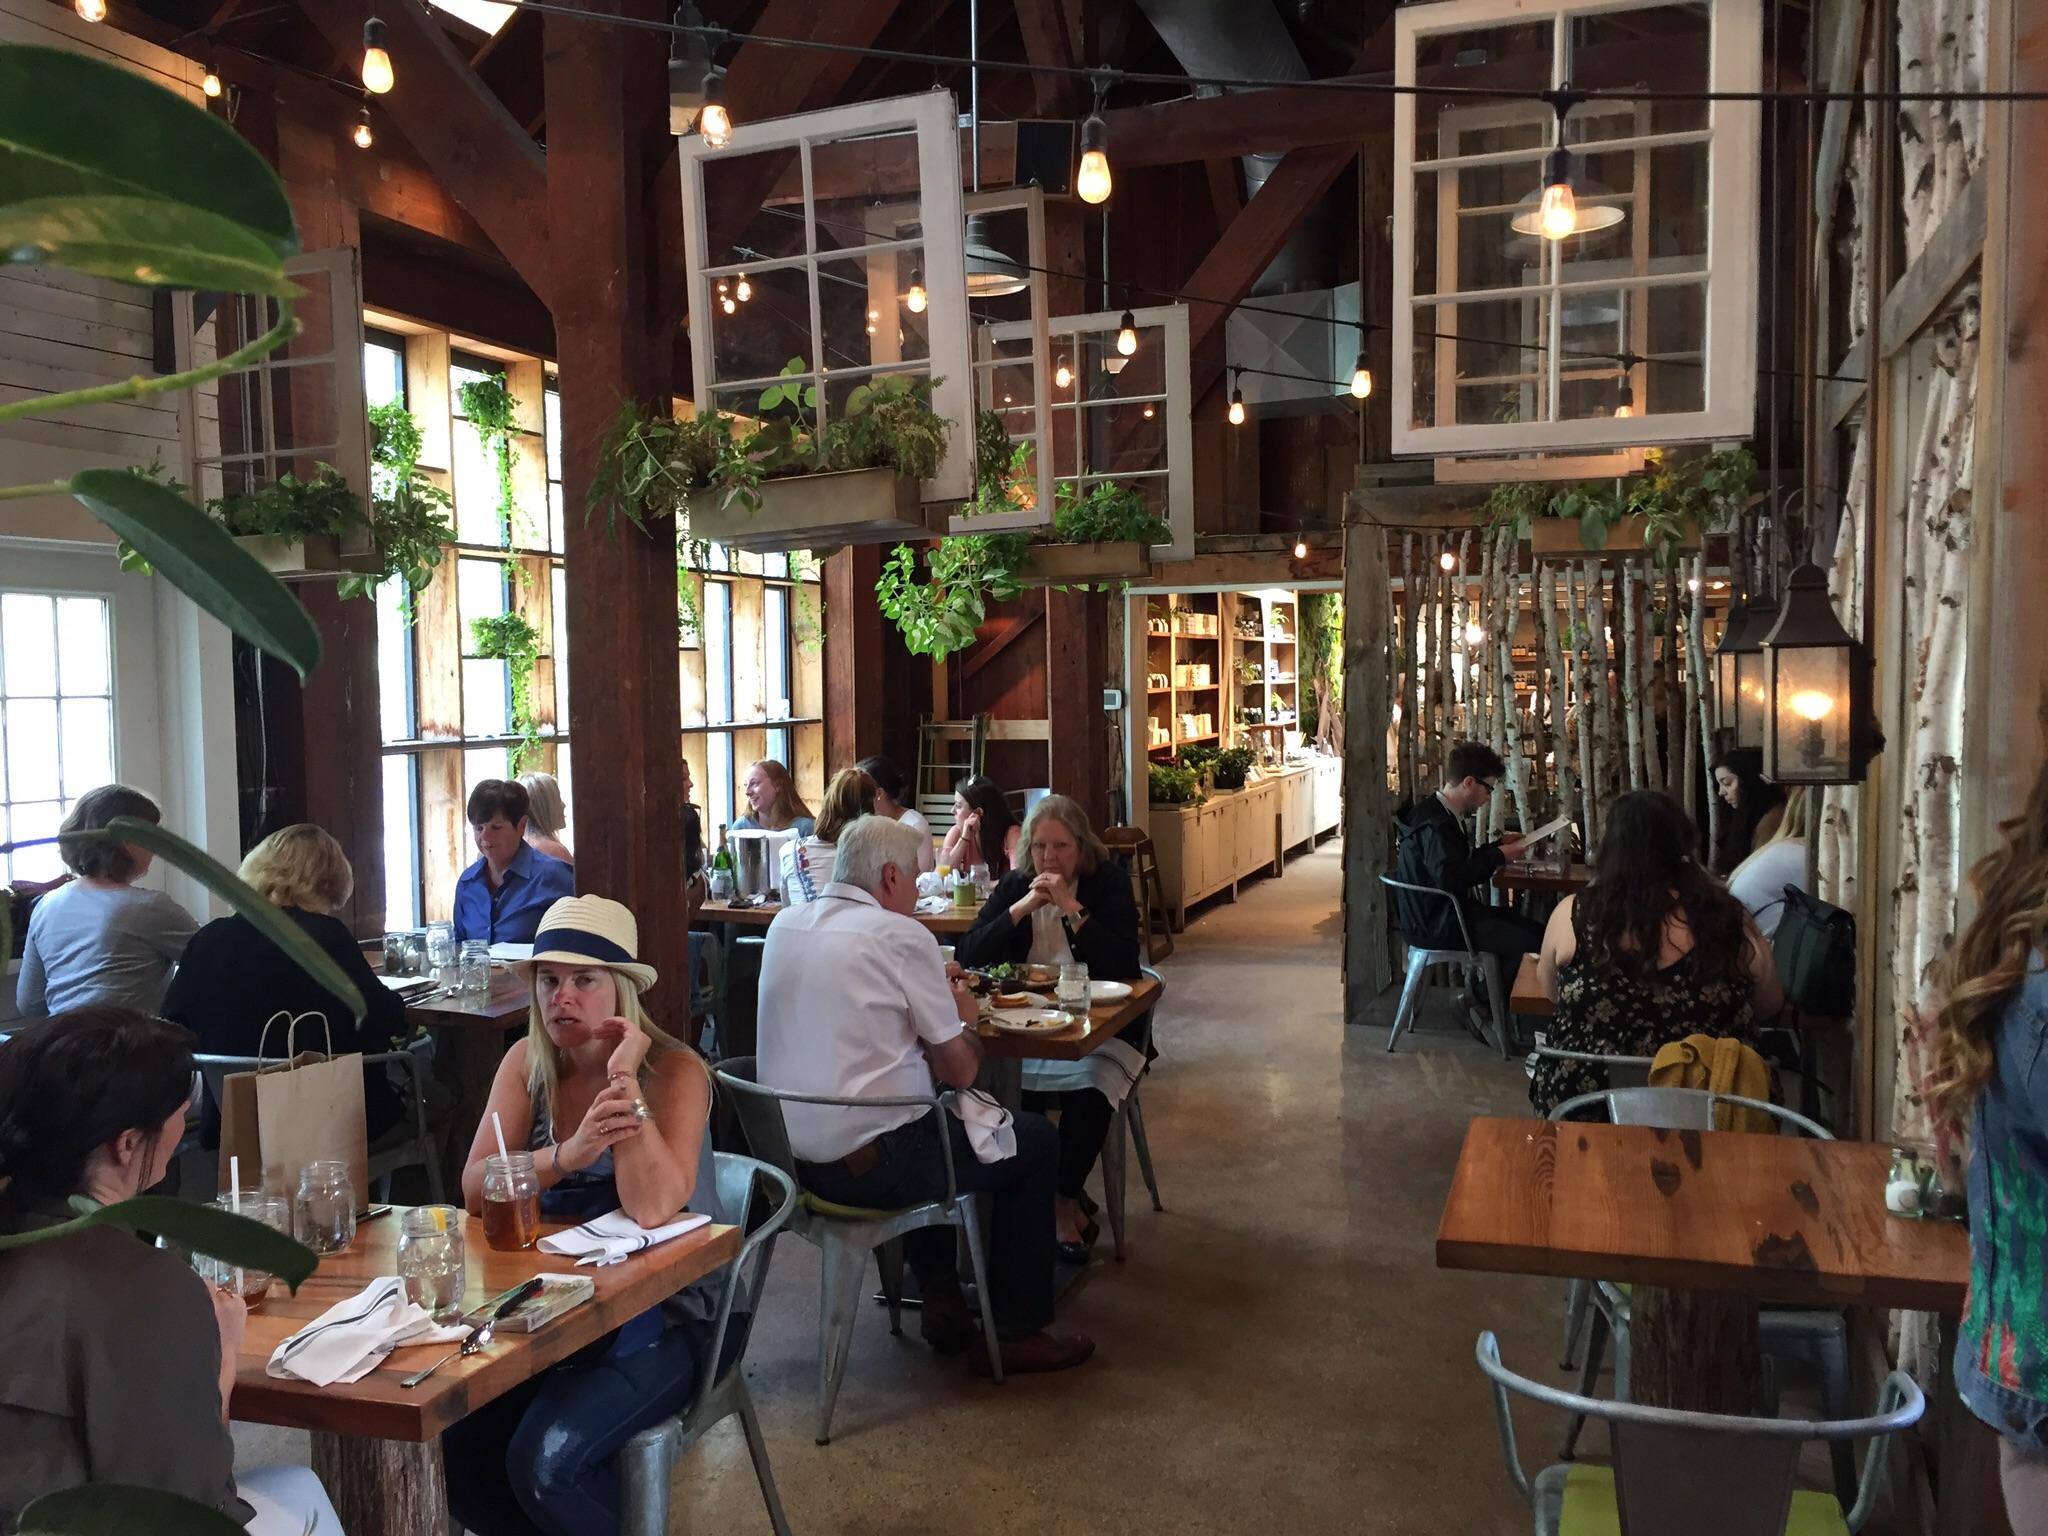 The garden center chic dining room at Terrain Garden Cafe in Glen Mills. (CRAIG LABAN/Staff)